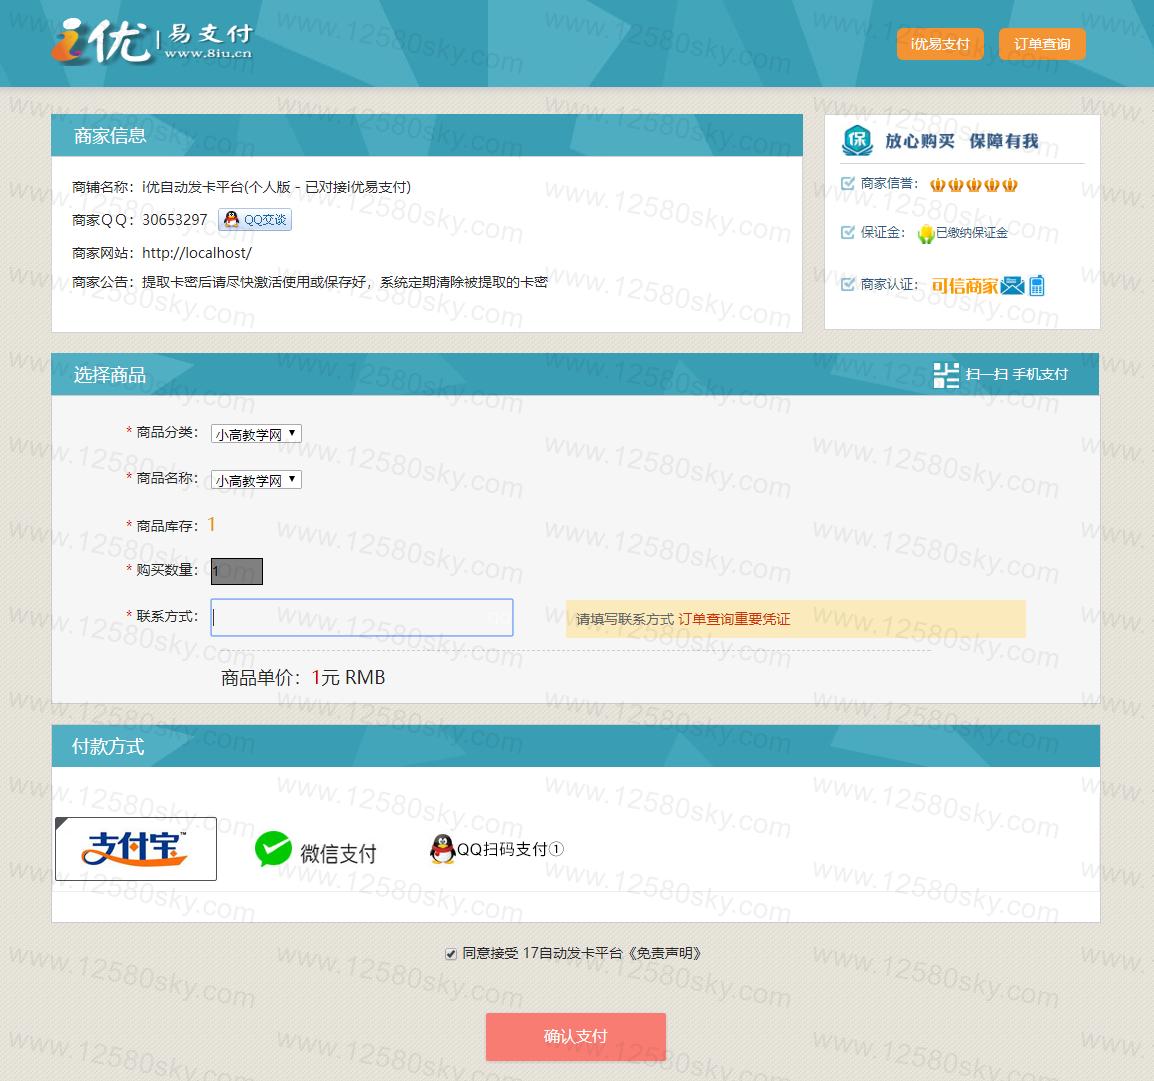 i优最新个人模板自动发卡程序仿企业发卡样式